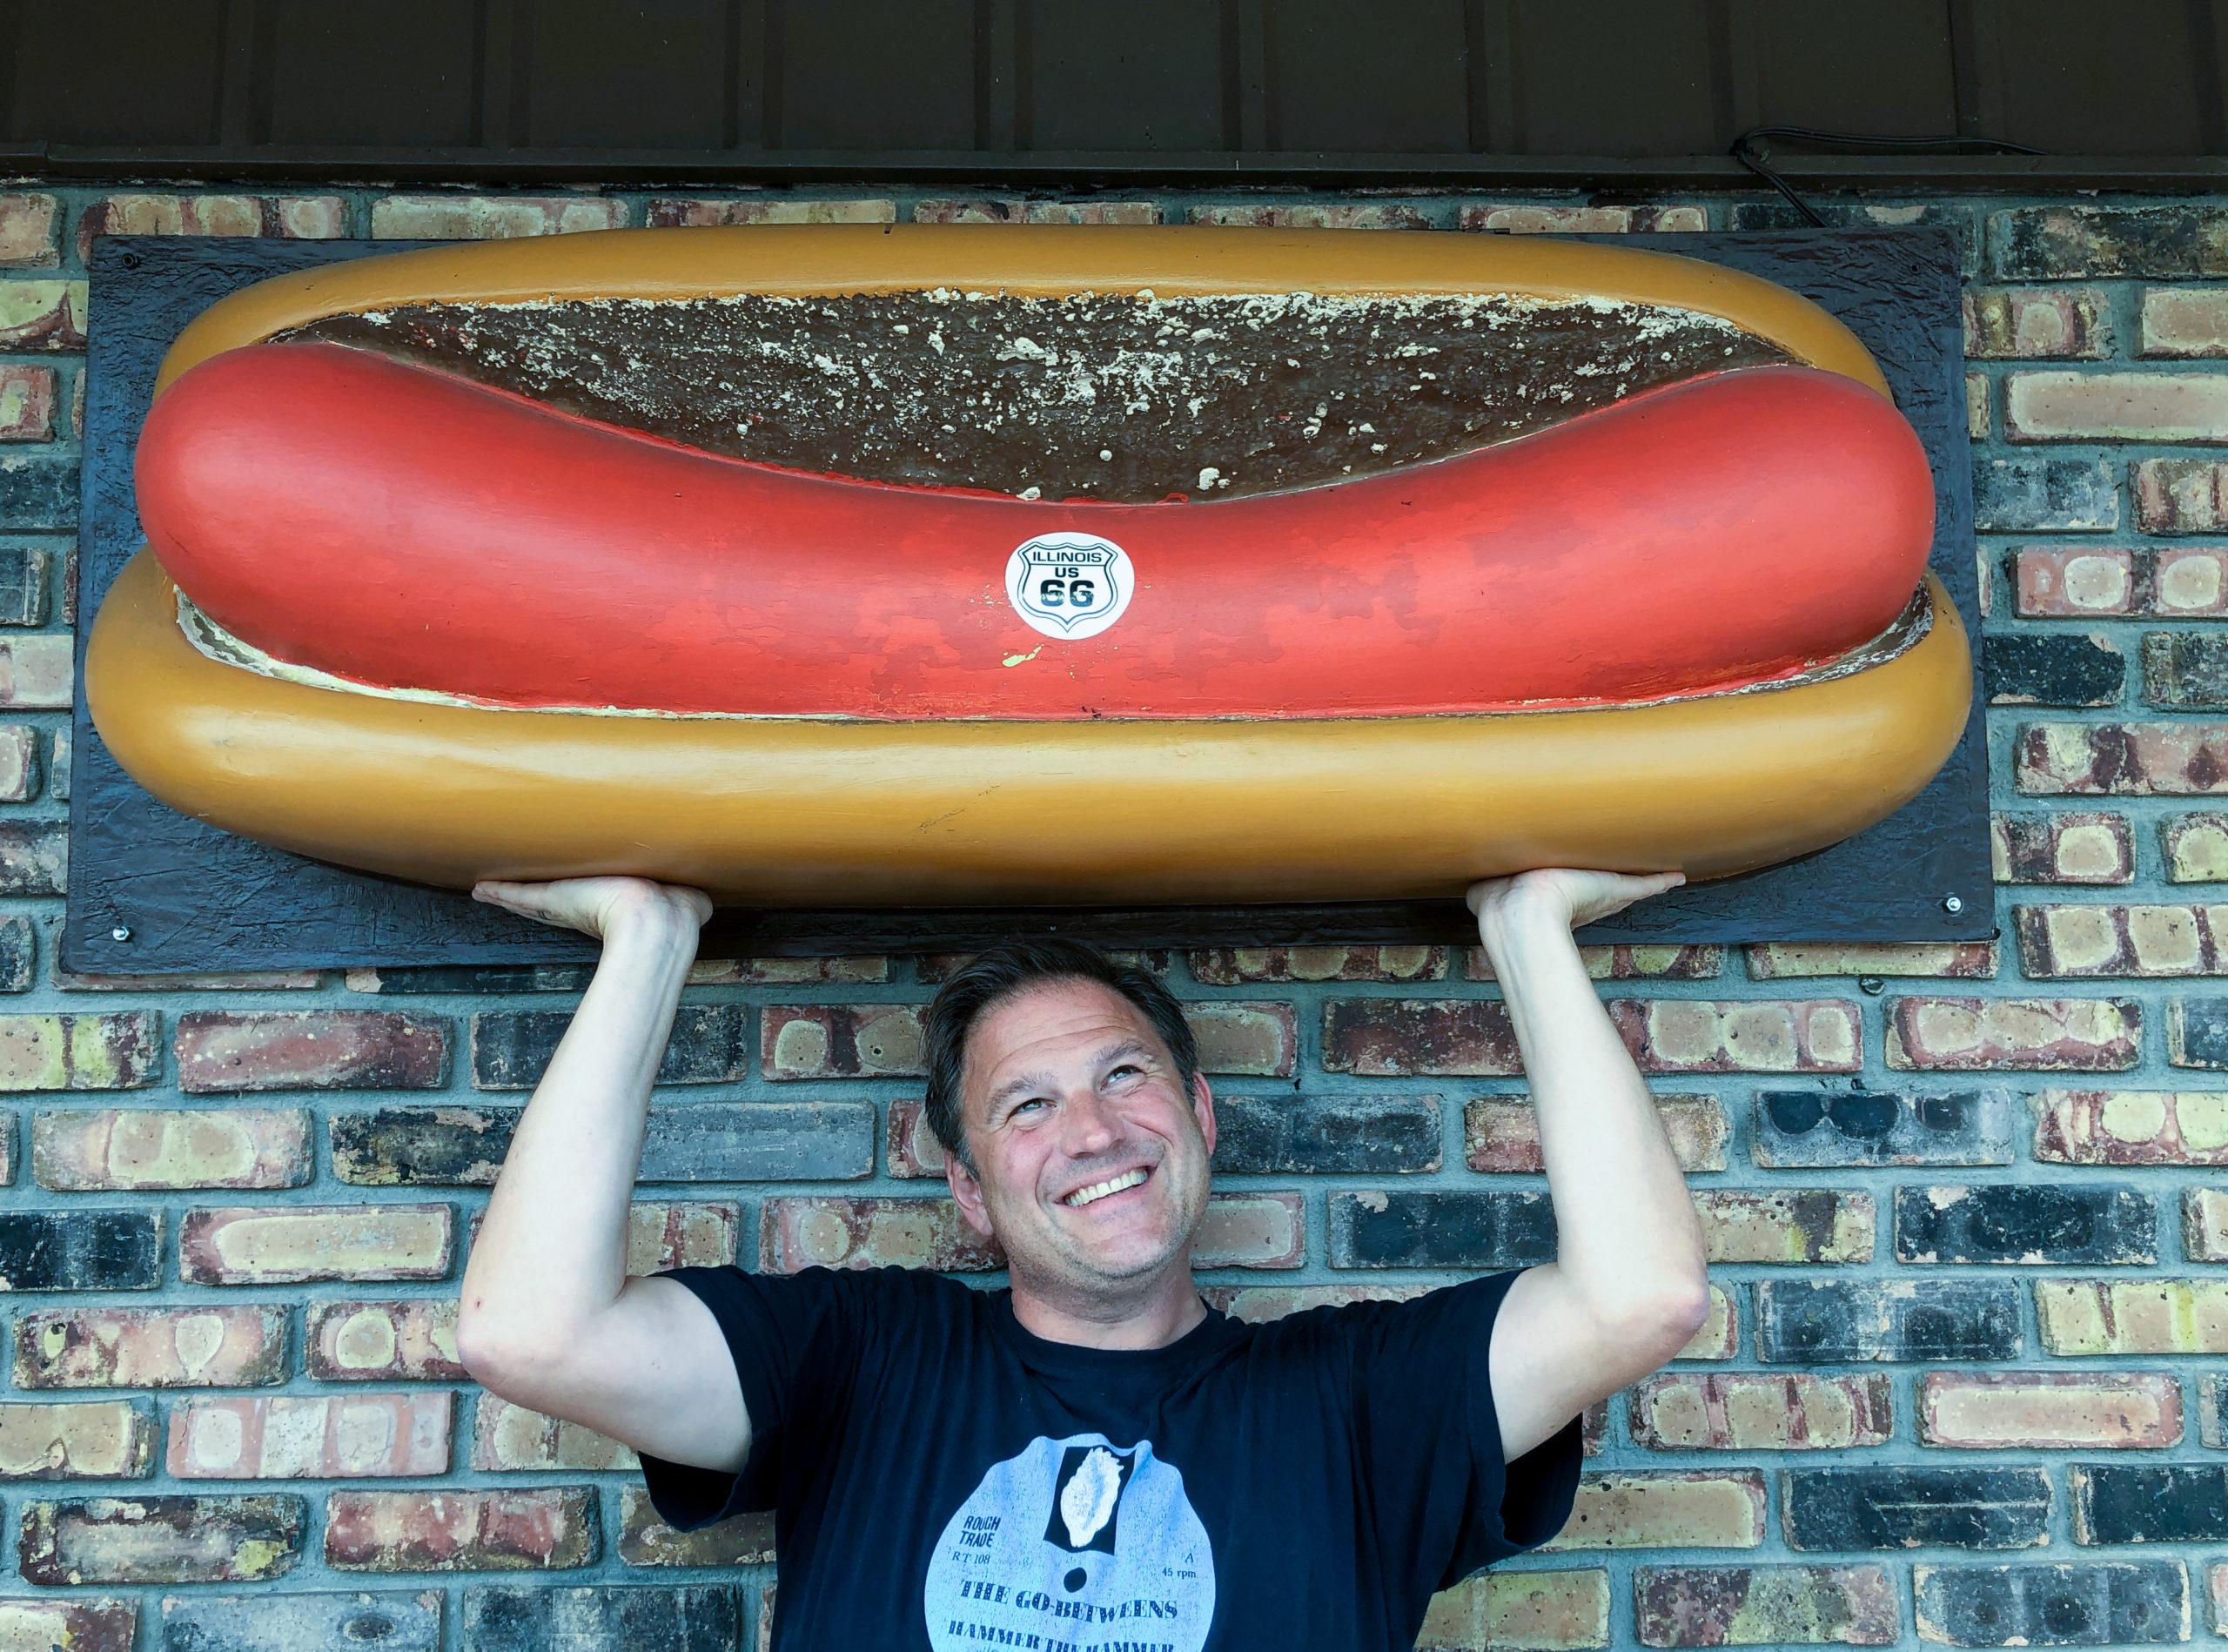 Autor Ralf Johnen stemmt einen Hotdog im Restaurant The Launching Pad an der Route 66 in Illinois